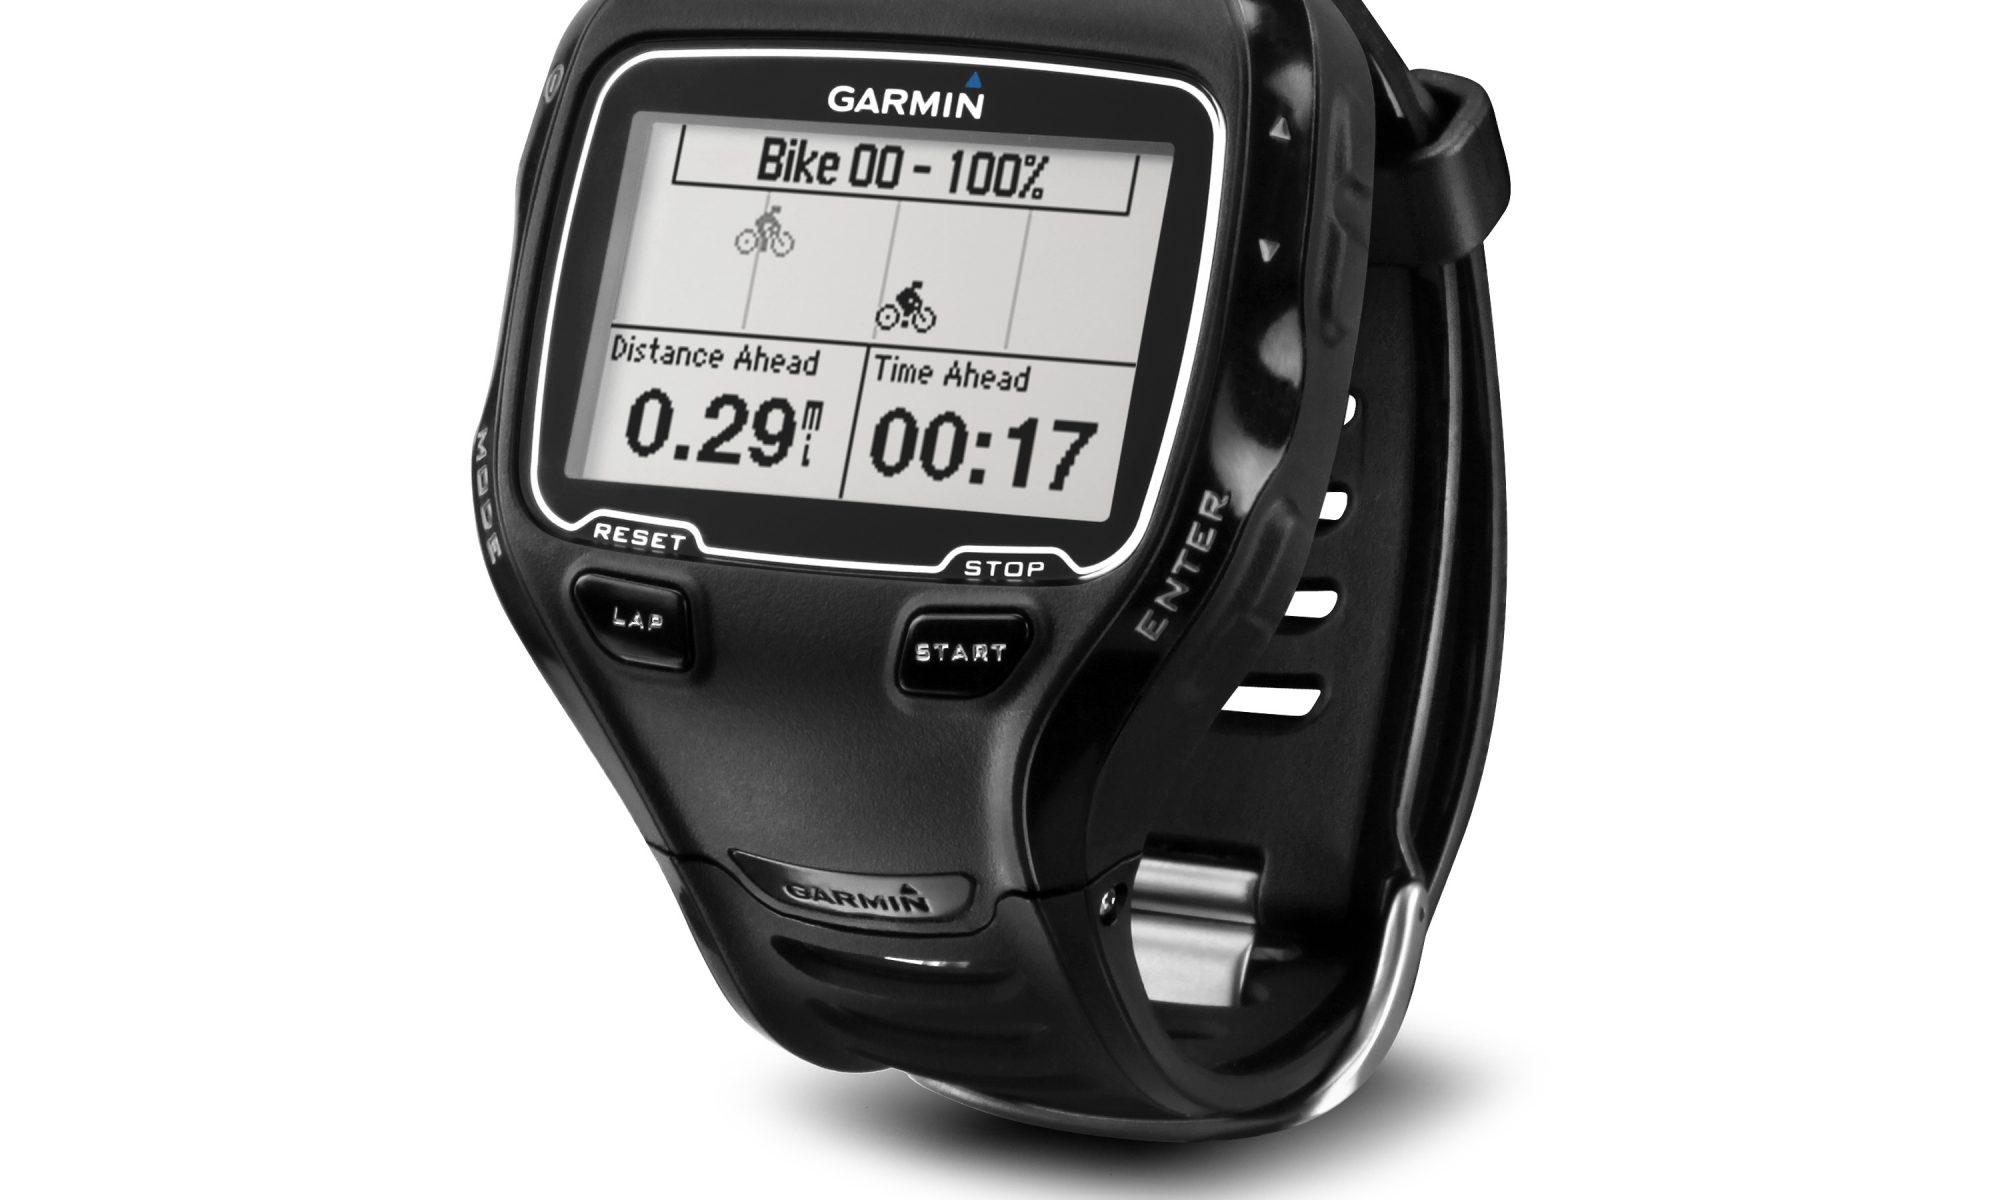 garmin forerunner 910xt user manual